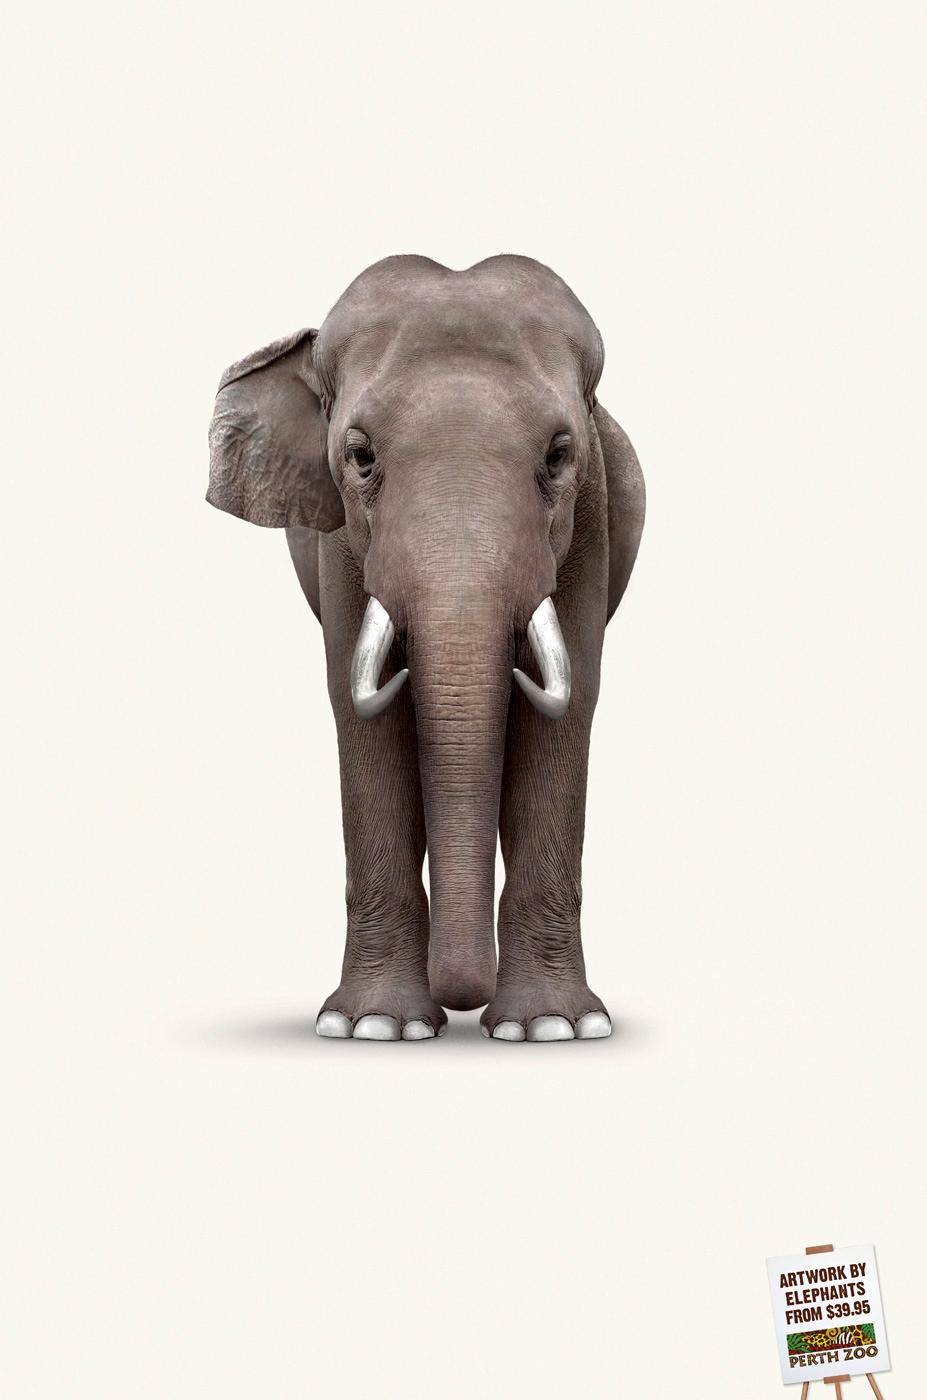 Perth Zoo — Elephant Art: Van Gogh